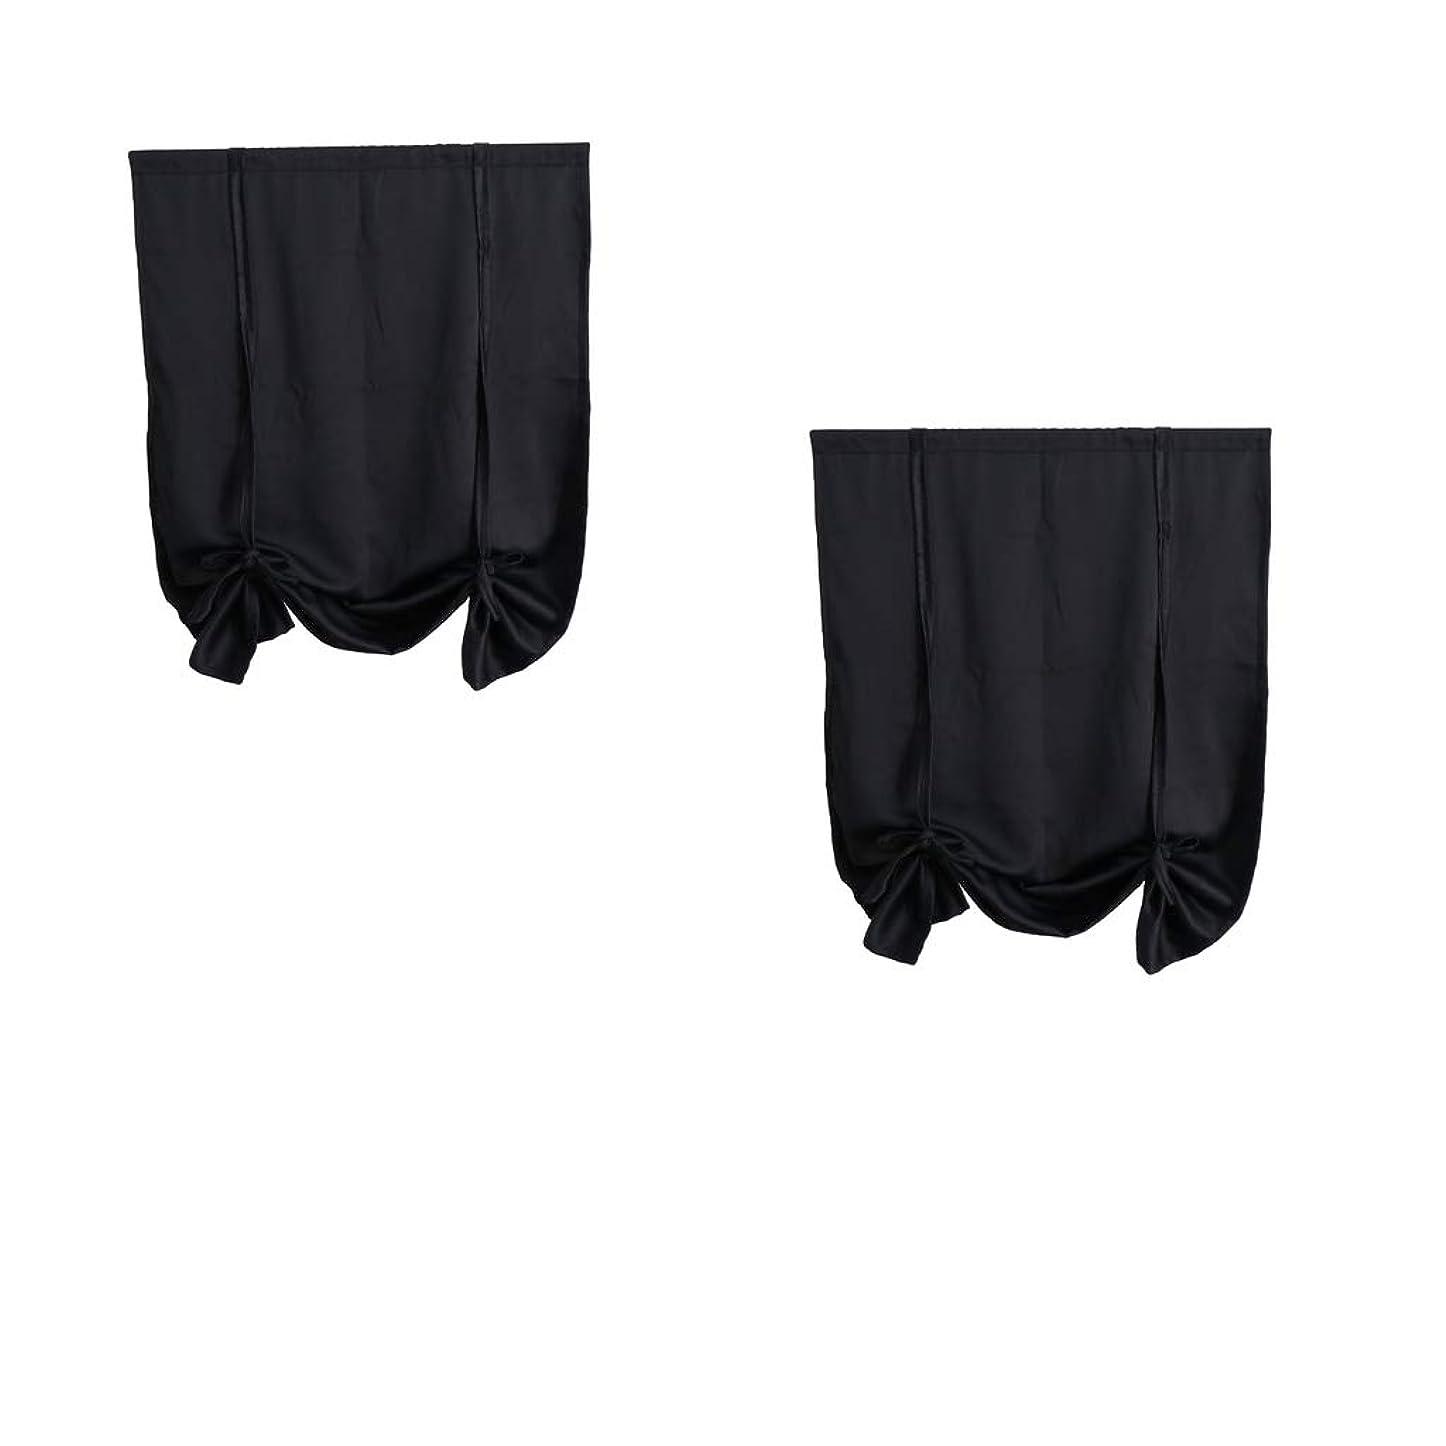 レーニン主義岸チャンスKESOTO ウィンドカーテン 遮光パネル UVカット 2枚 ブラック